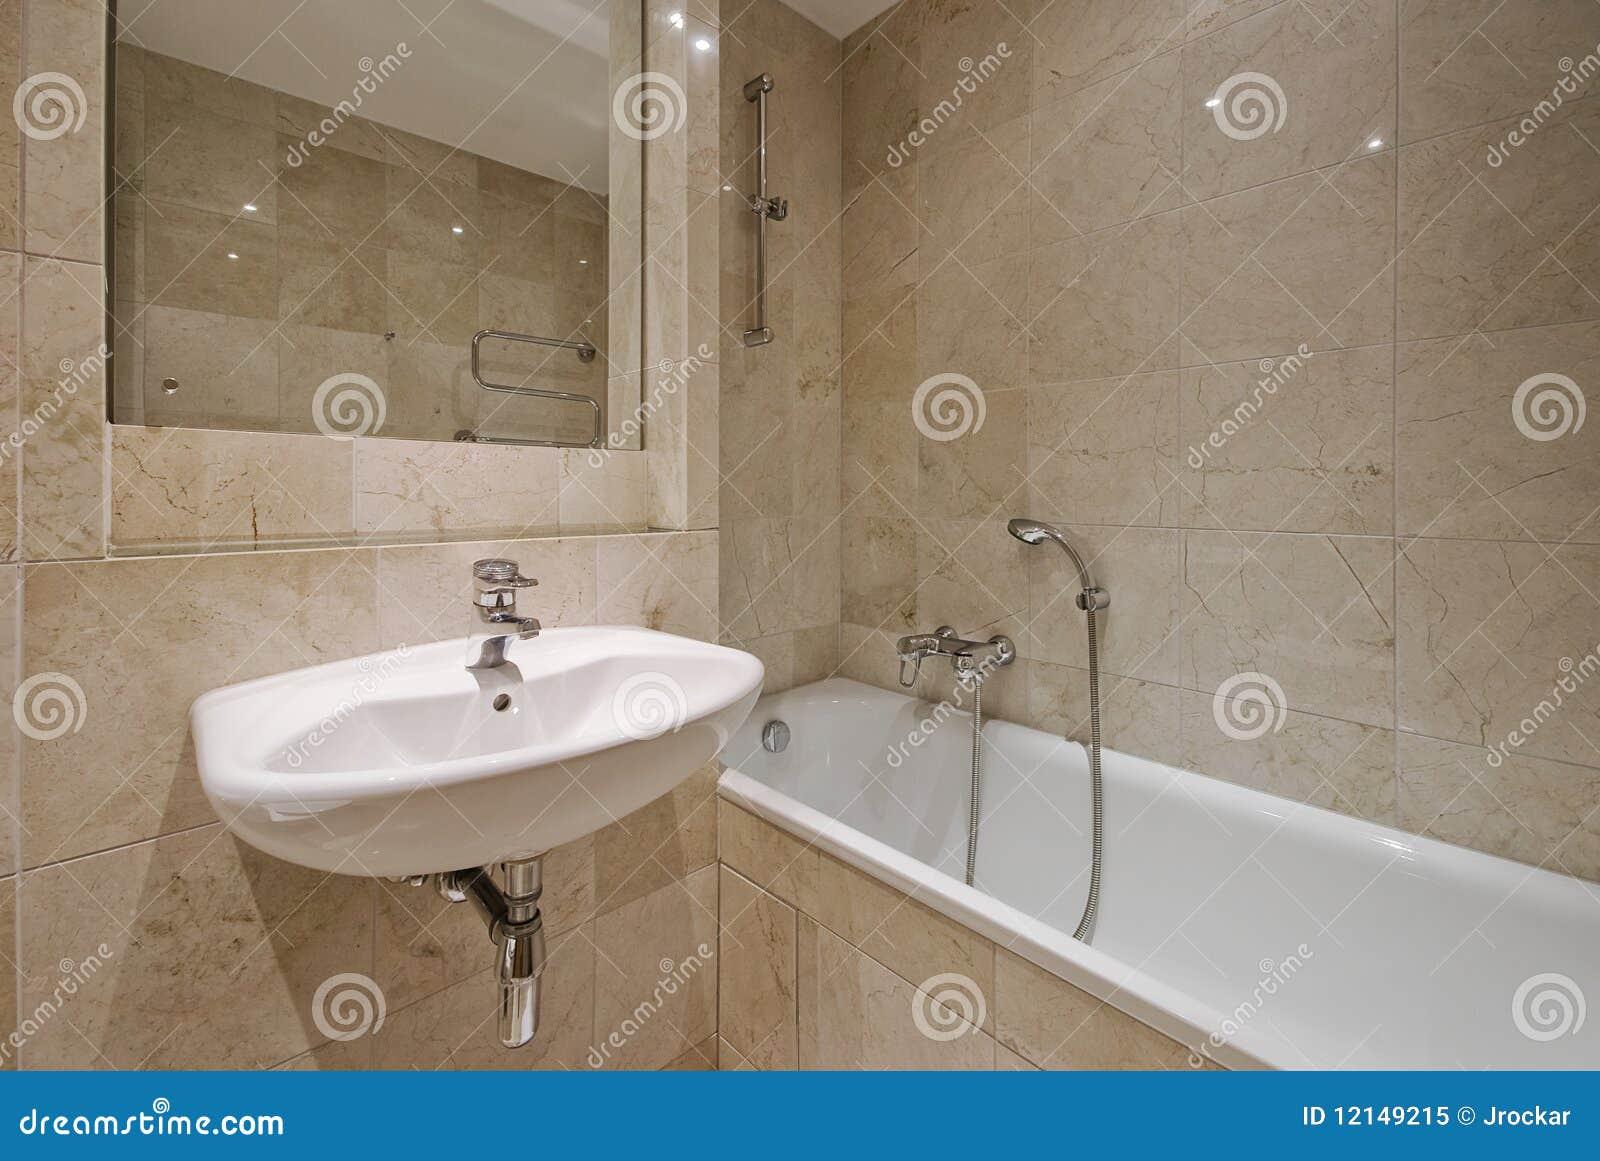 Banheiro luxuoso moderno com as telhas de mármore bege e a série  #84A823 1300x960 Banheiro Com Amarelo